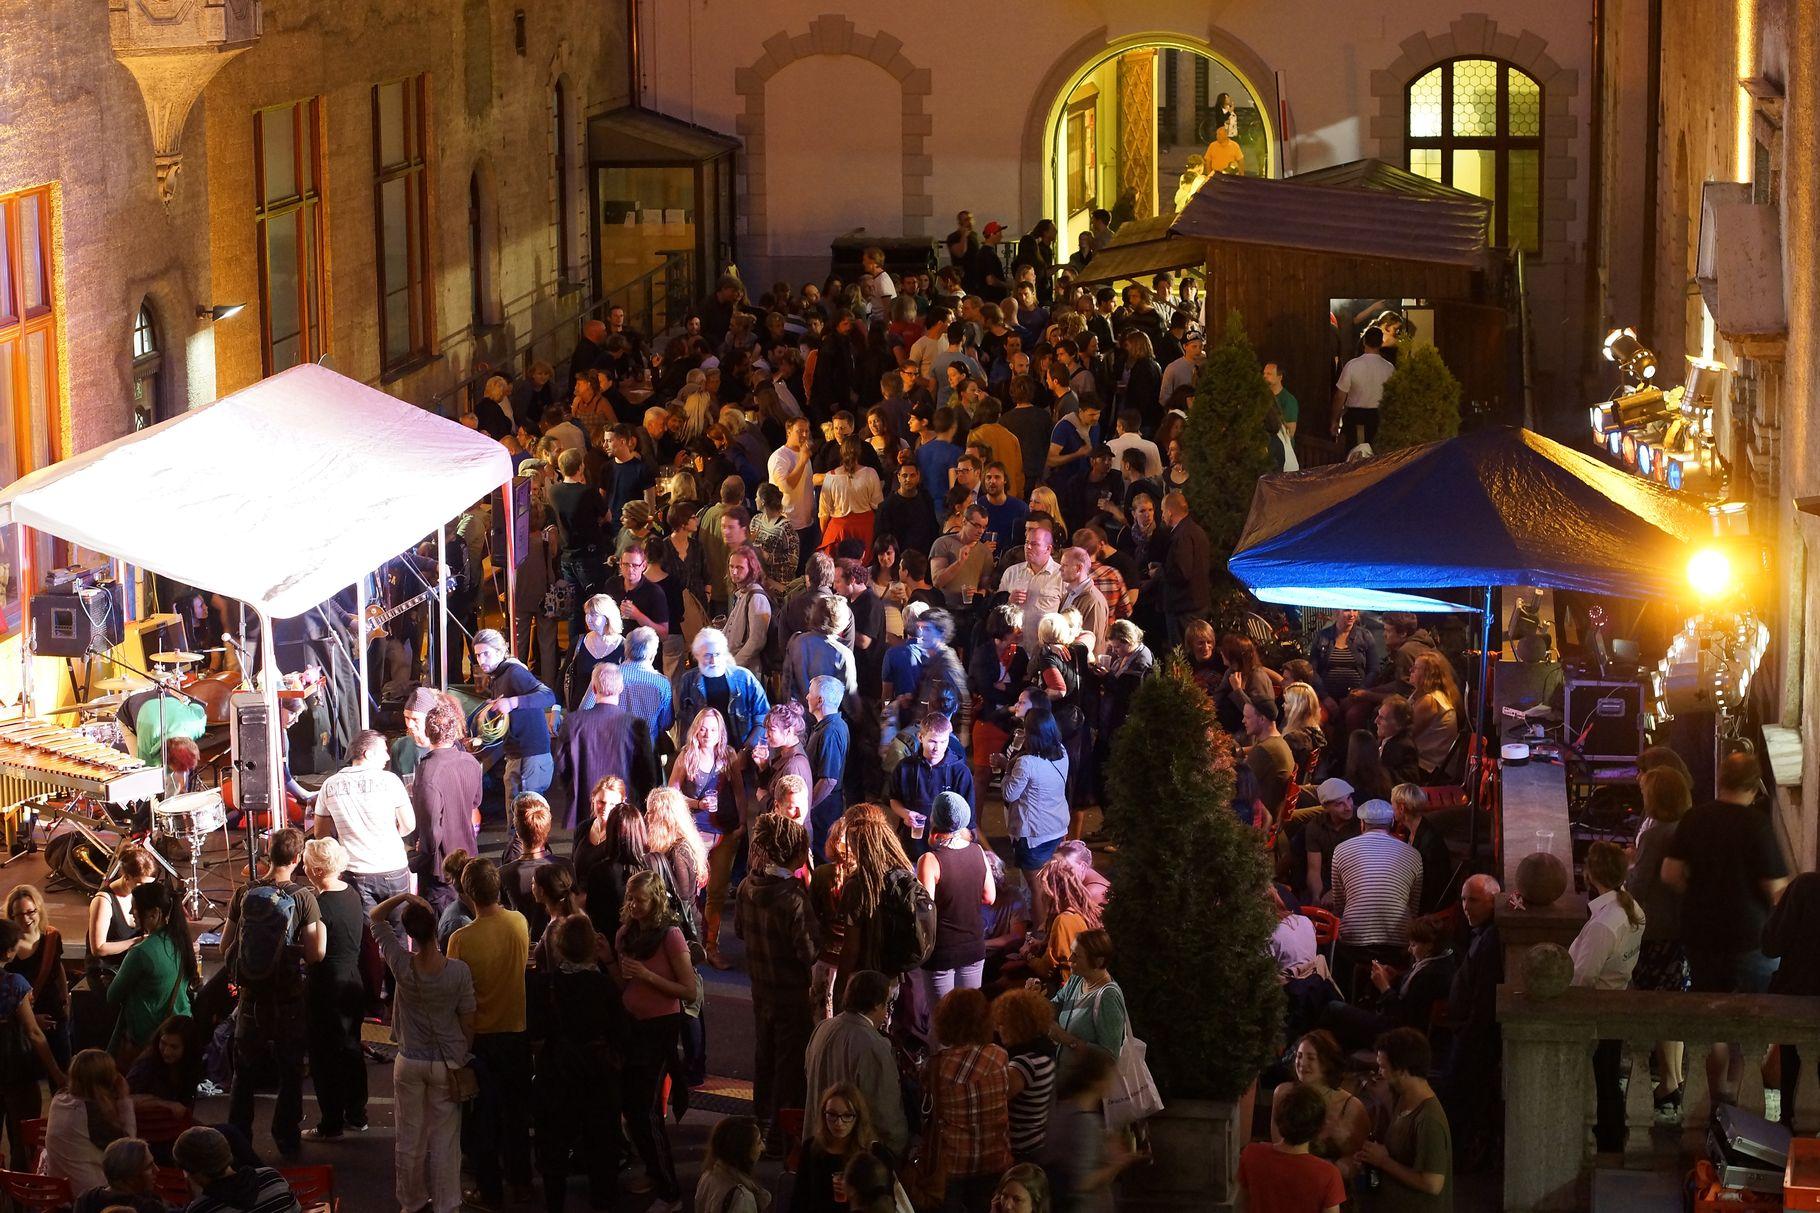 Konzerte im Bürgerhof 04.07.2013 - Freiwilligen-Zentrum Augsburg - Foto: Crayfish